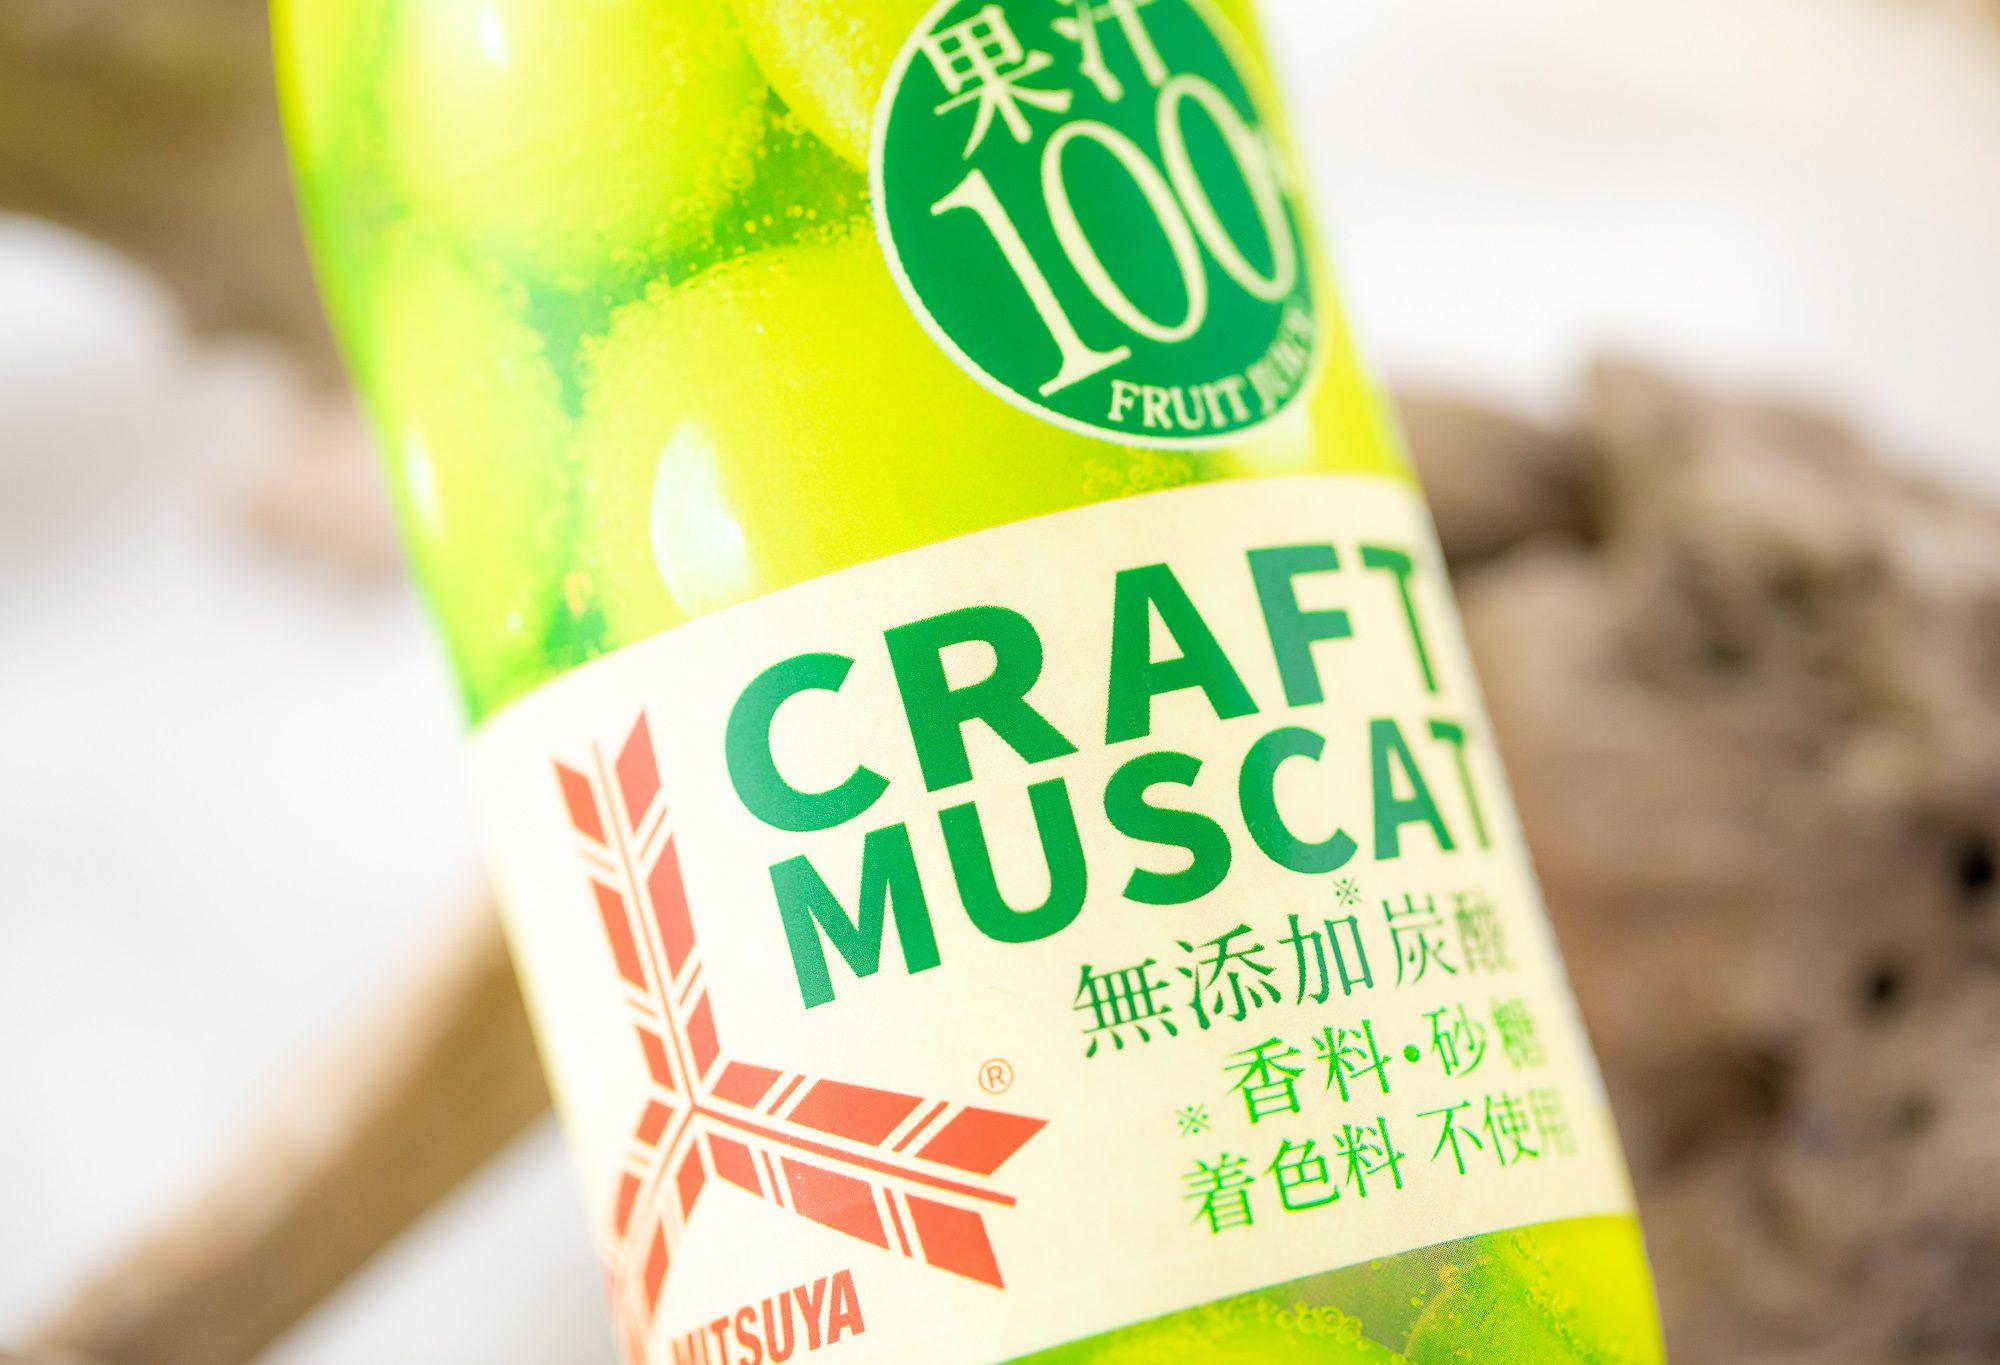 セブン&アイ限定アサヒ飲料『「三ツ矢」クラフトマスカット PET500ml』は熟成したマスカットのような芳醇で深い香りが抜群に美味しいイチオシ炭酸!